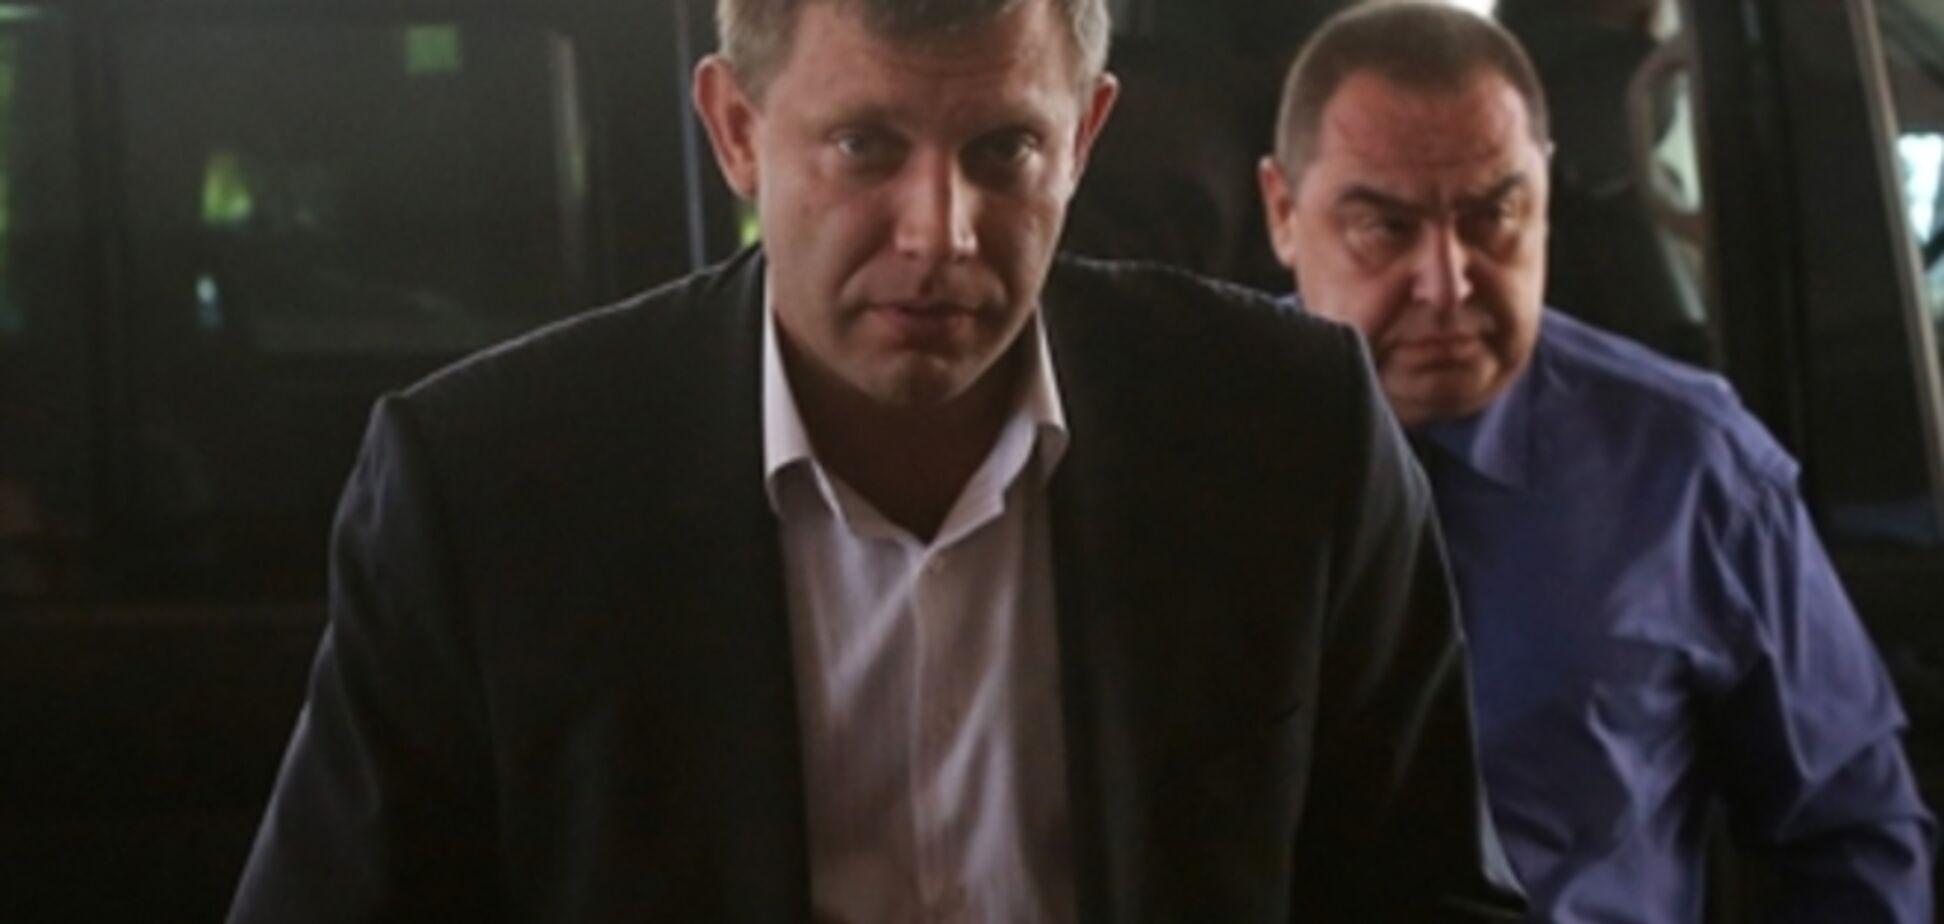 Главари 'ДНР' и 'ЛНР' также прибыли в Минск - СМИ